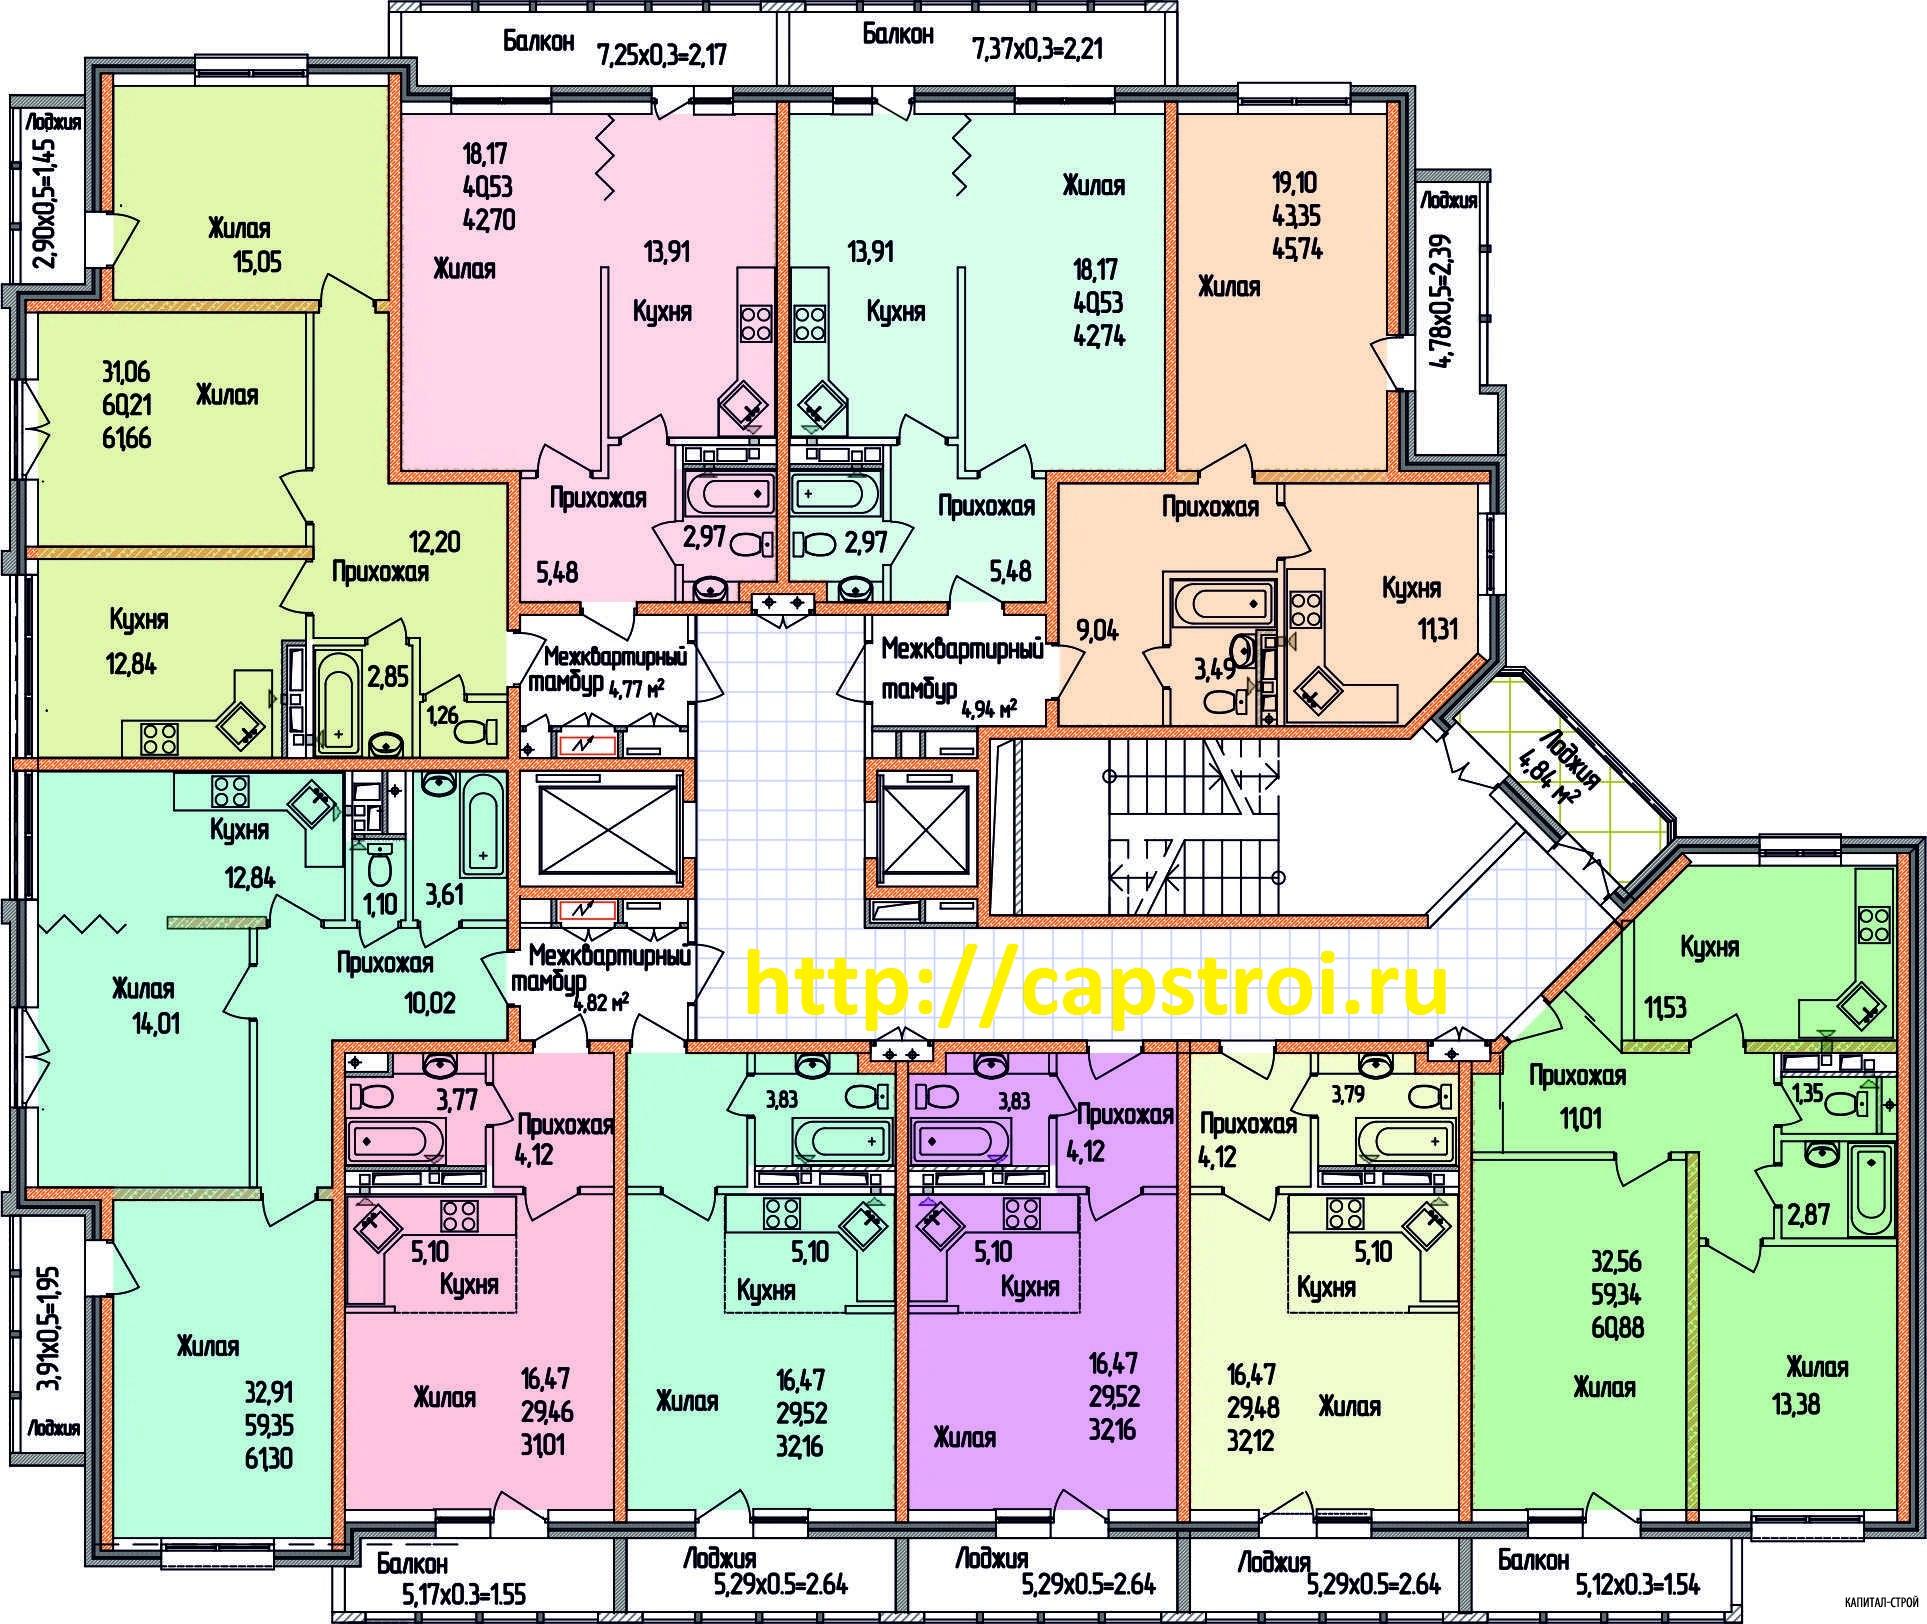 Предложение риэлтора капитал-строй от 22.05.2013.